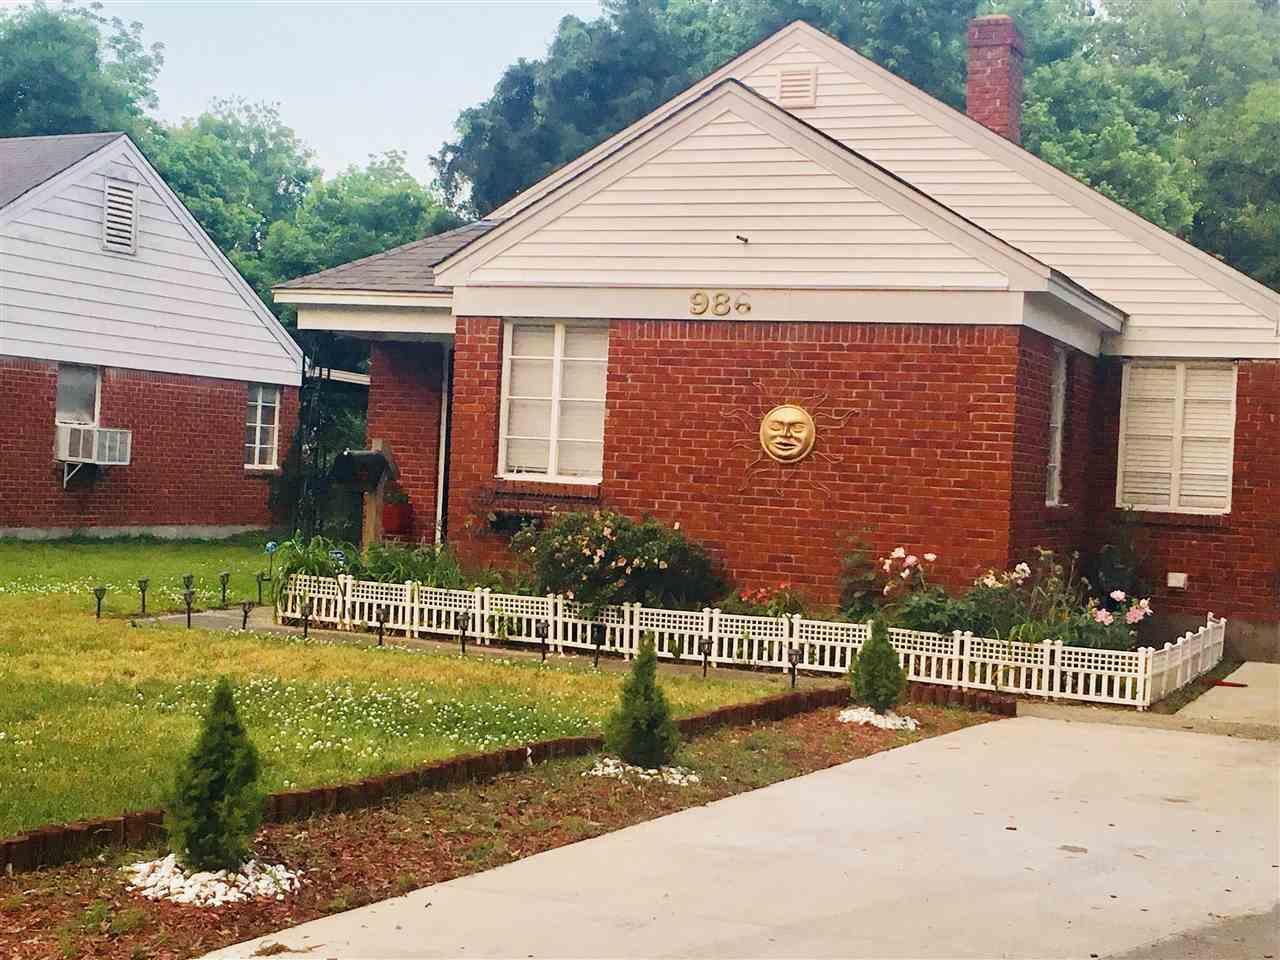 986 Maria Memphis, TN 38122 - MLS #: 10027288